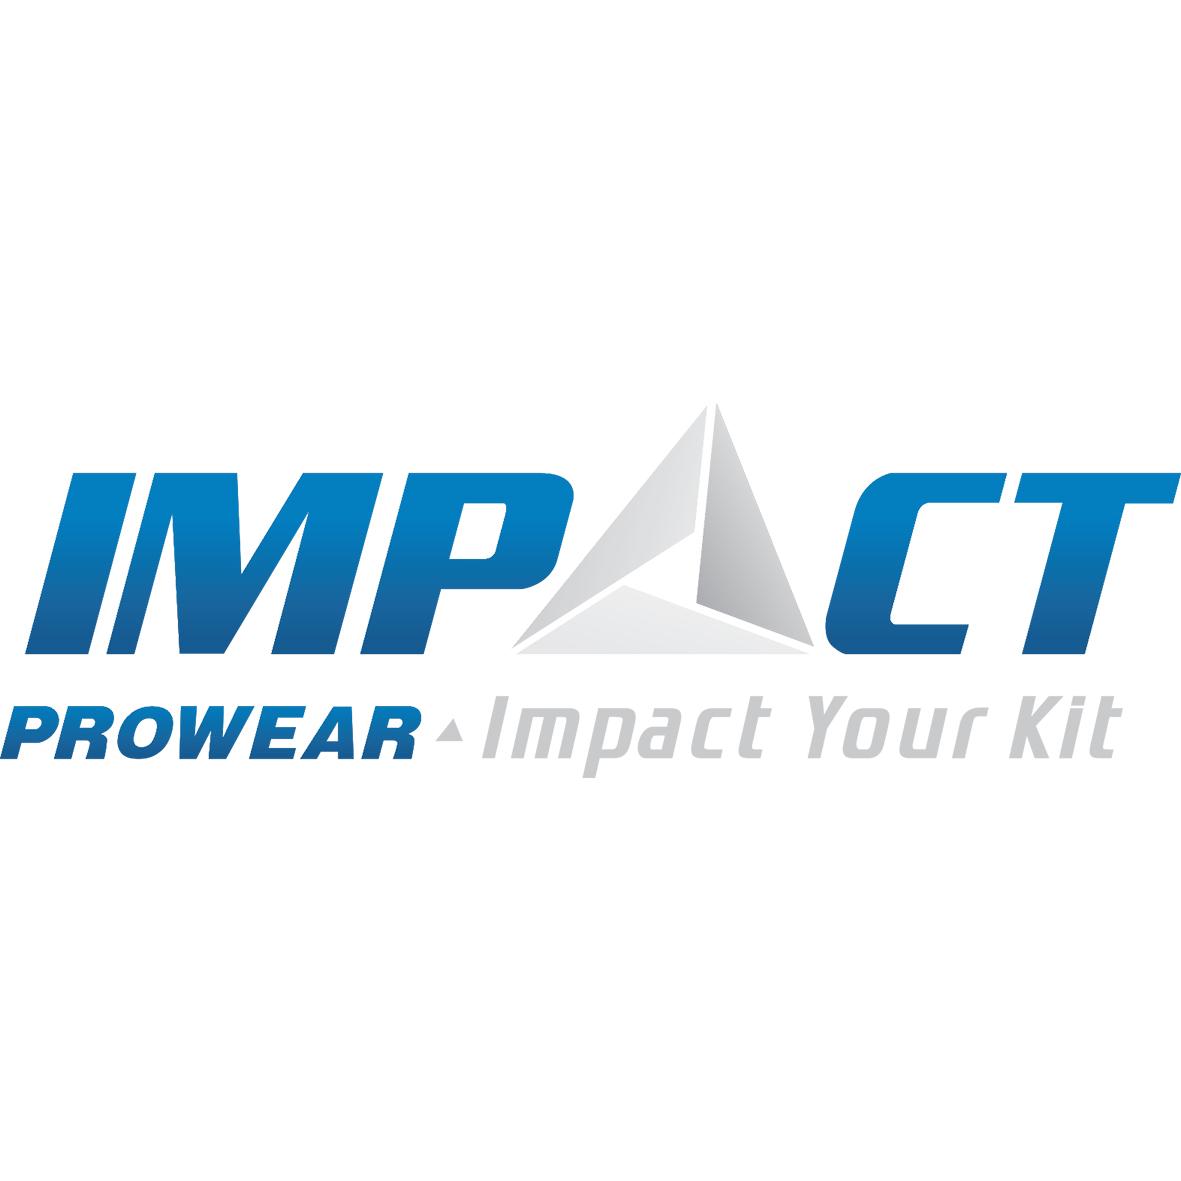 Impact Pro Wear